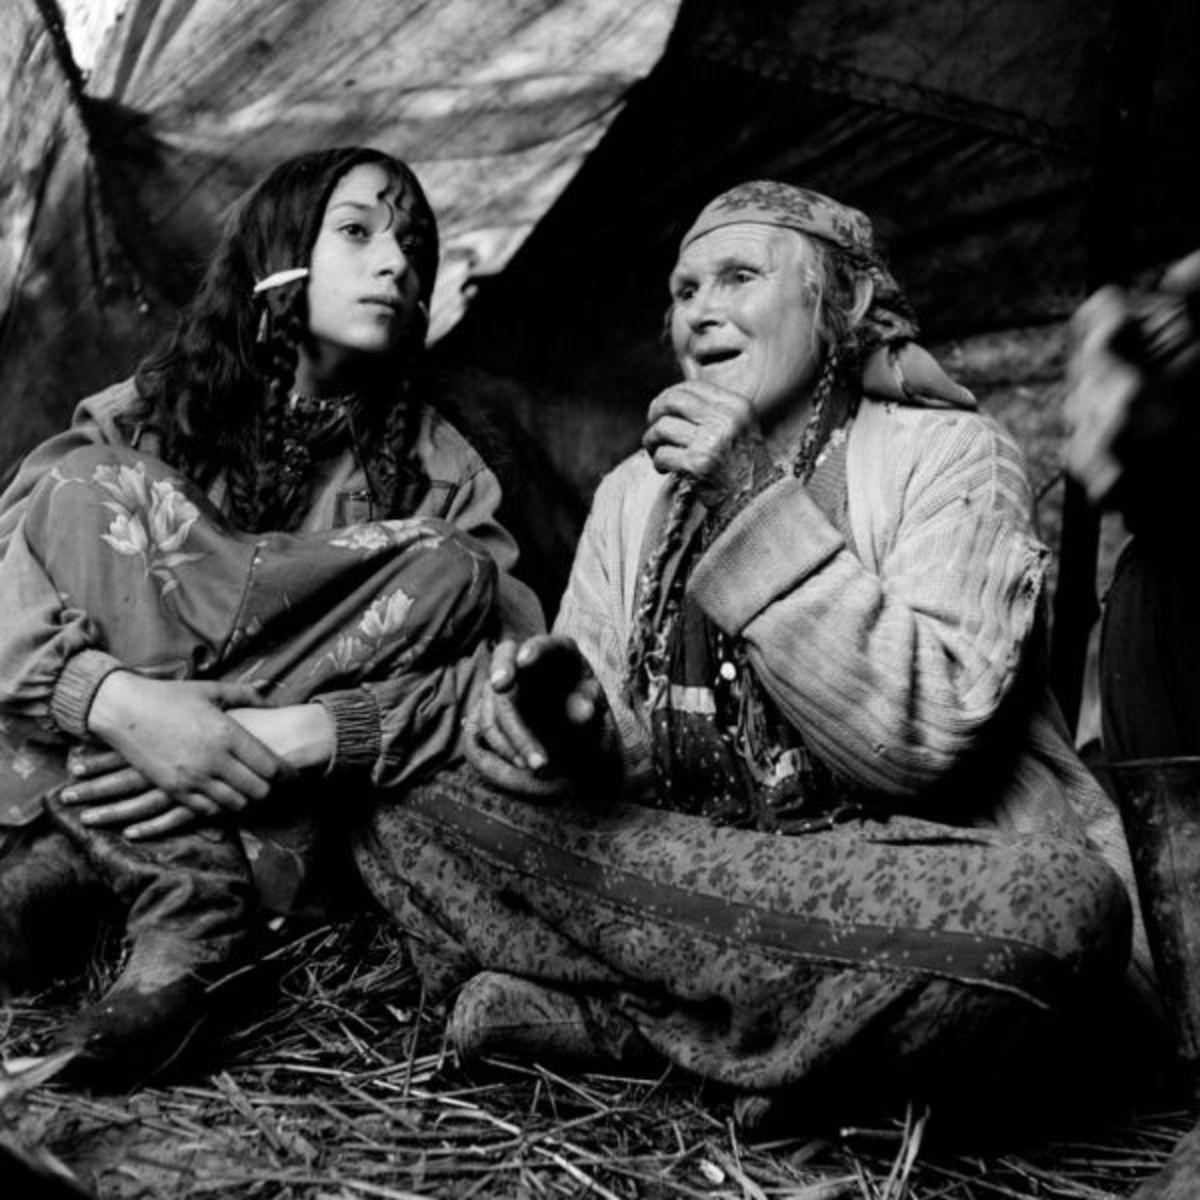 Le flamenco de l'ancien temps...retour aux sources. videos d'archives.. The-gypsies